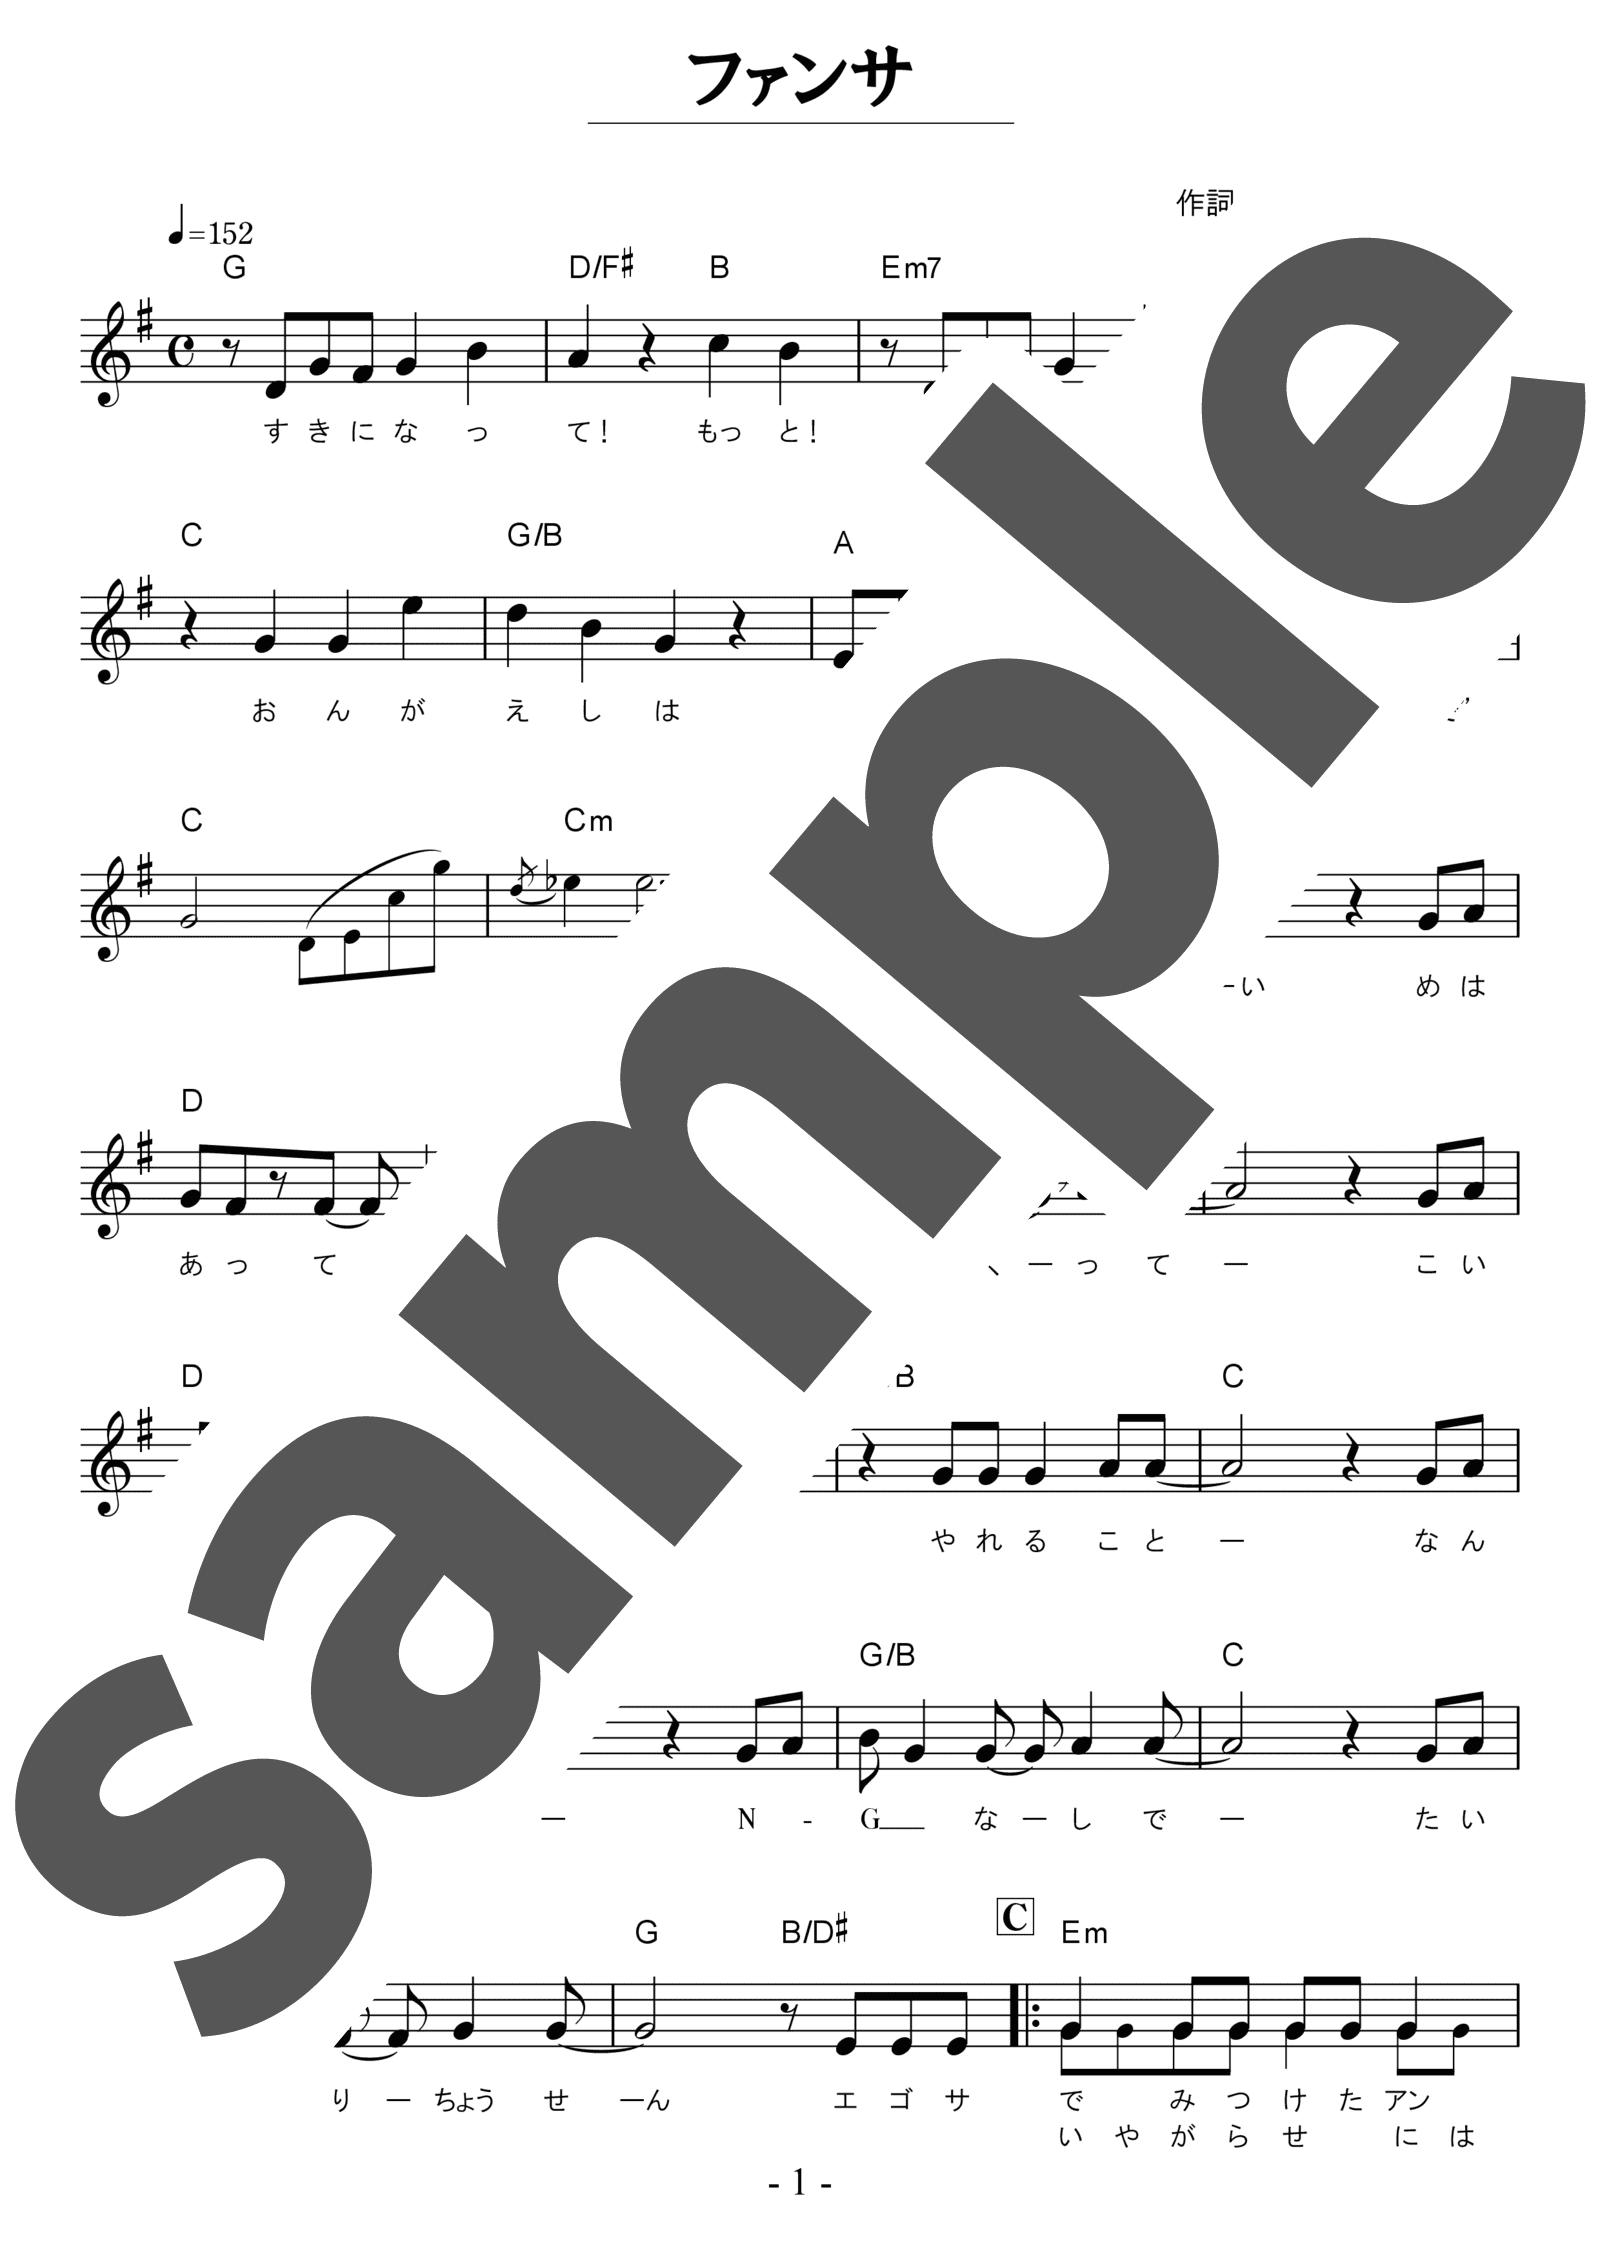 「ファンサ」のサンプル楽譜